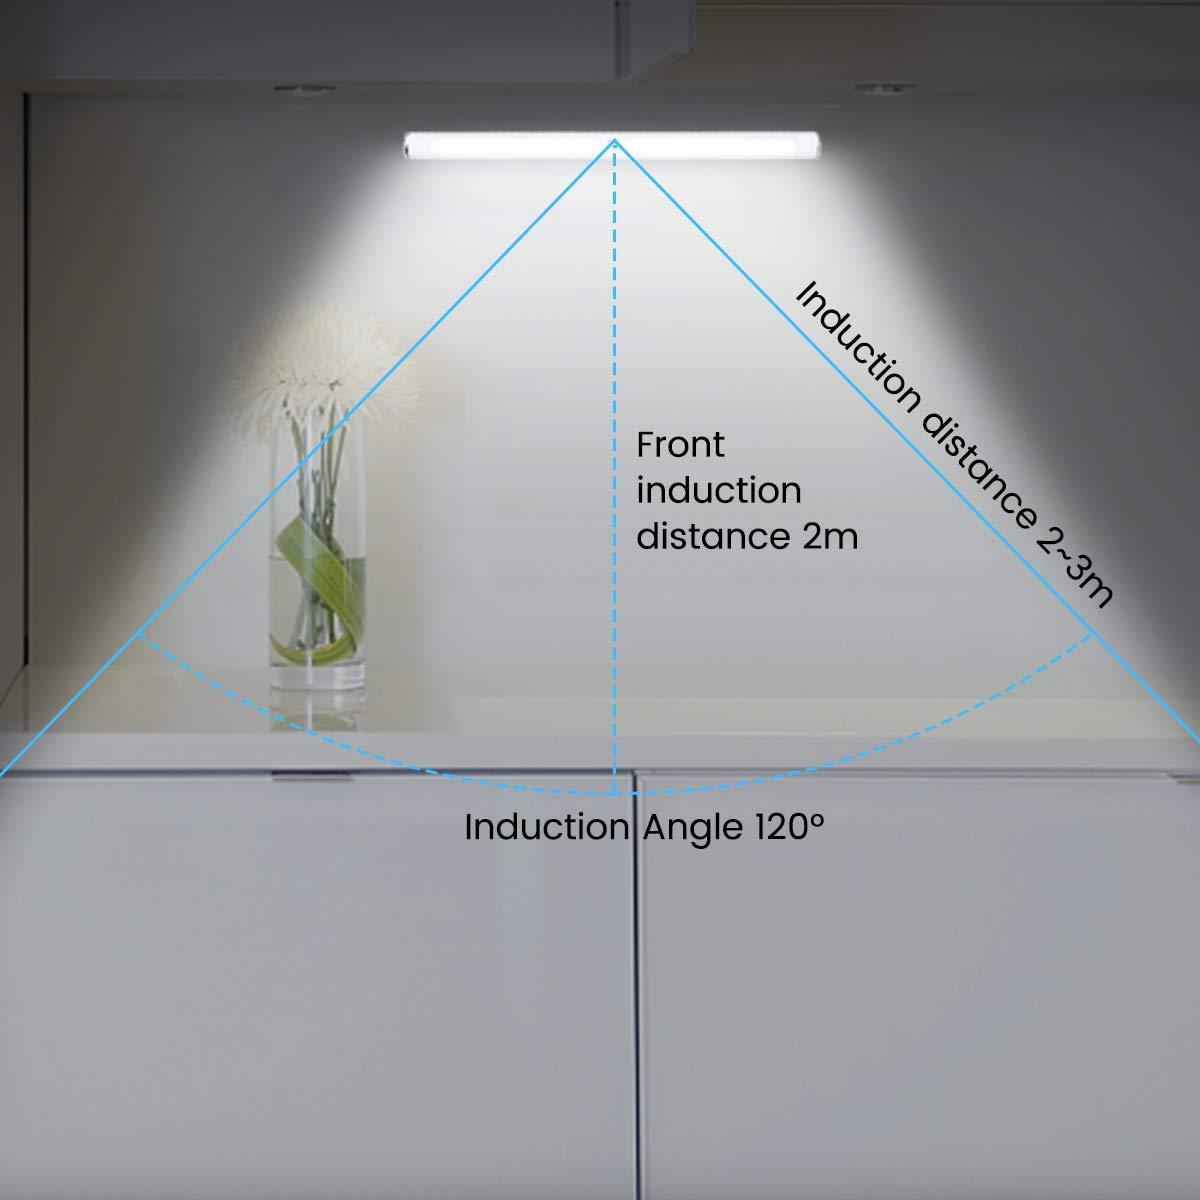 GLIME Luce di Armadio 4 Modalit/à 57LED 2400mAh USB Ricaricabile con Magnete Fisso Conveniente Lampada da Parete Luce Emergenza Luce Bianca(Alluminio+PC 39cm) Luce Sensore di Movimento